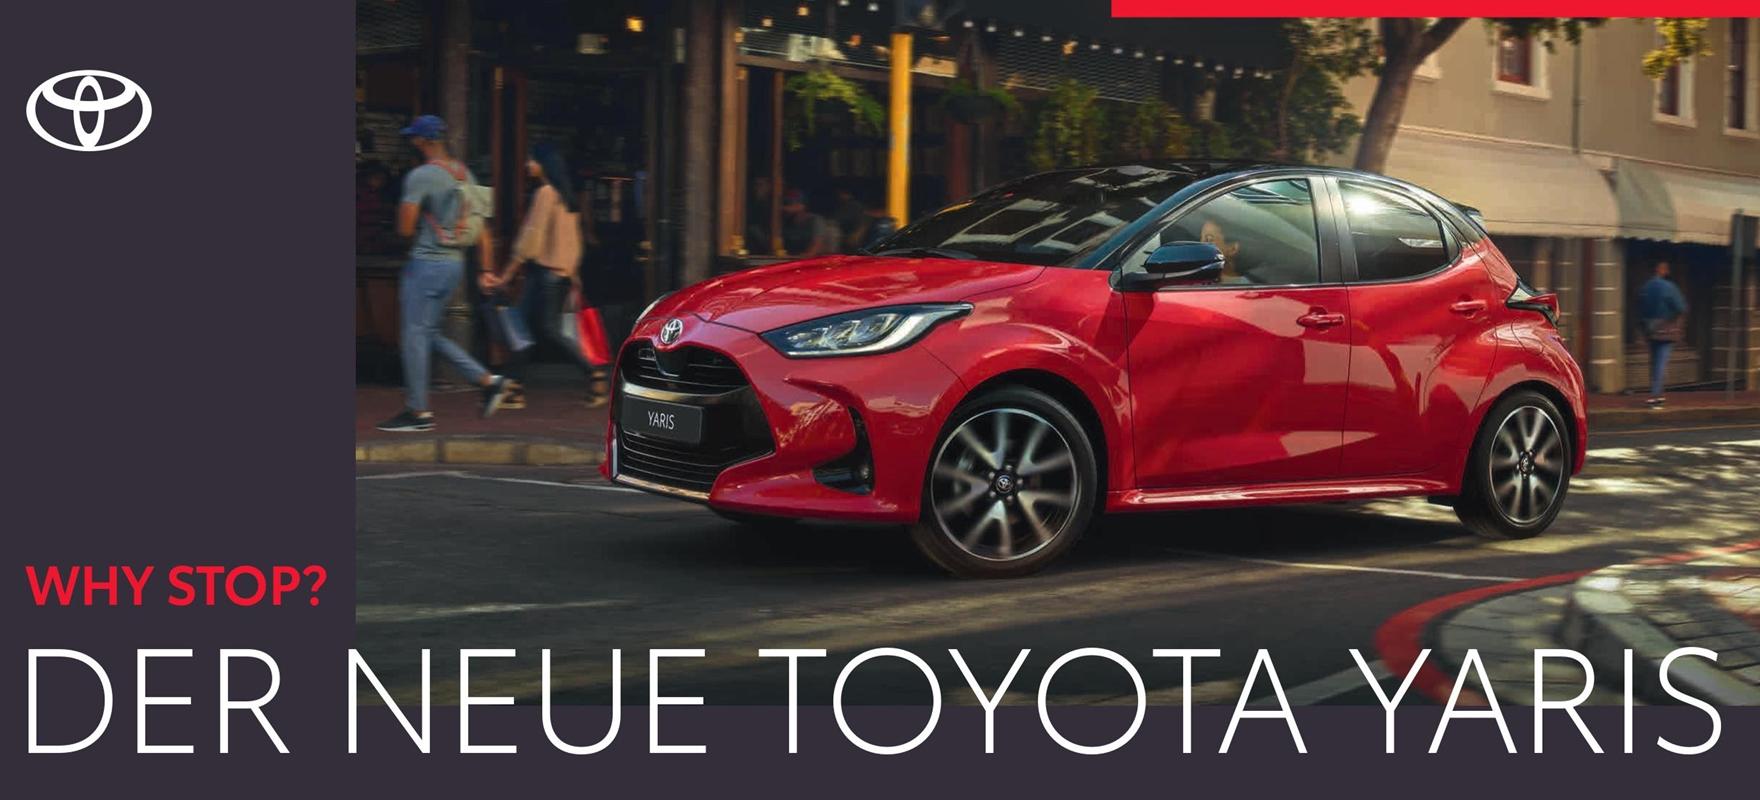 Der neue Toyota Yaris Hybrid 2020 im Autohaus Metzger in Widdern